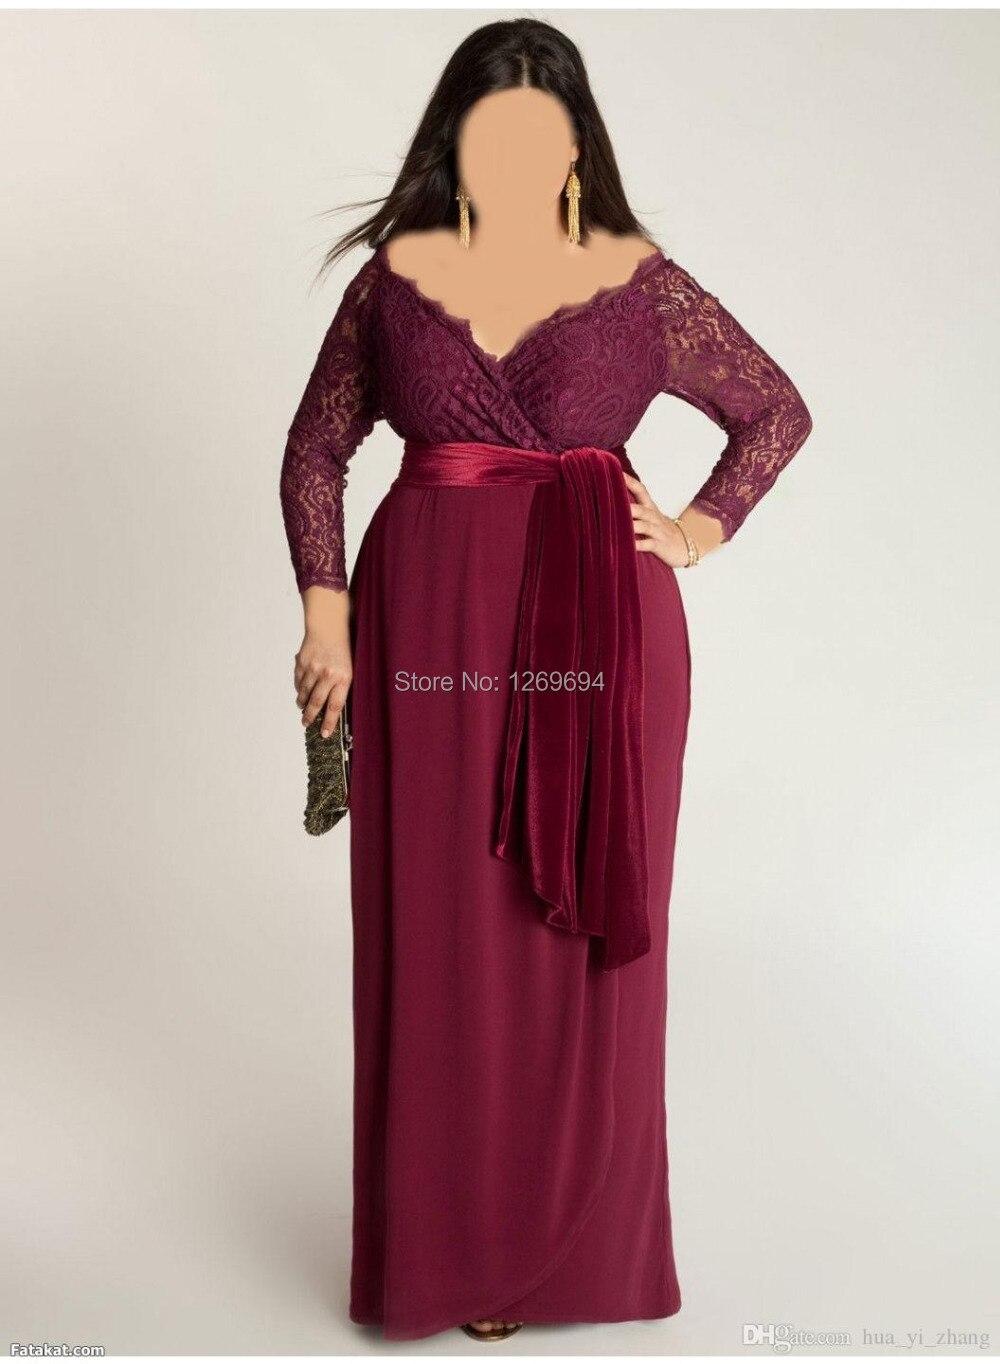 plus size elegant evening dresses a line red wine/burgundy deep v